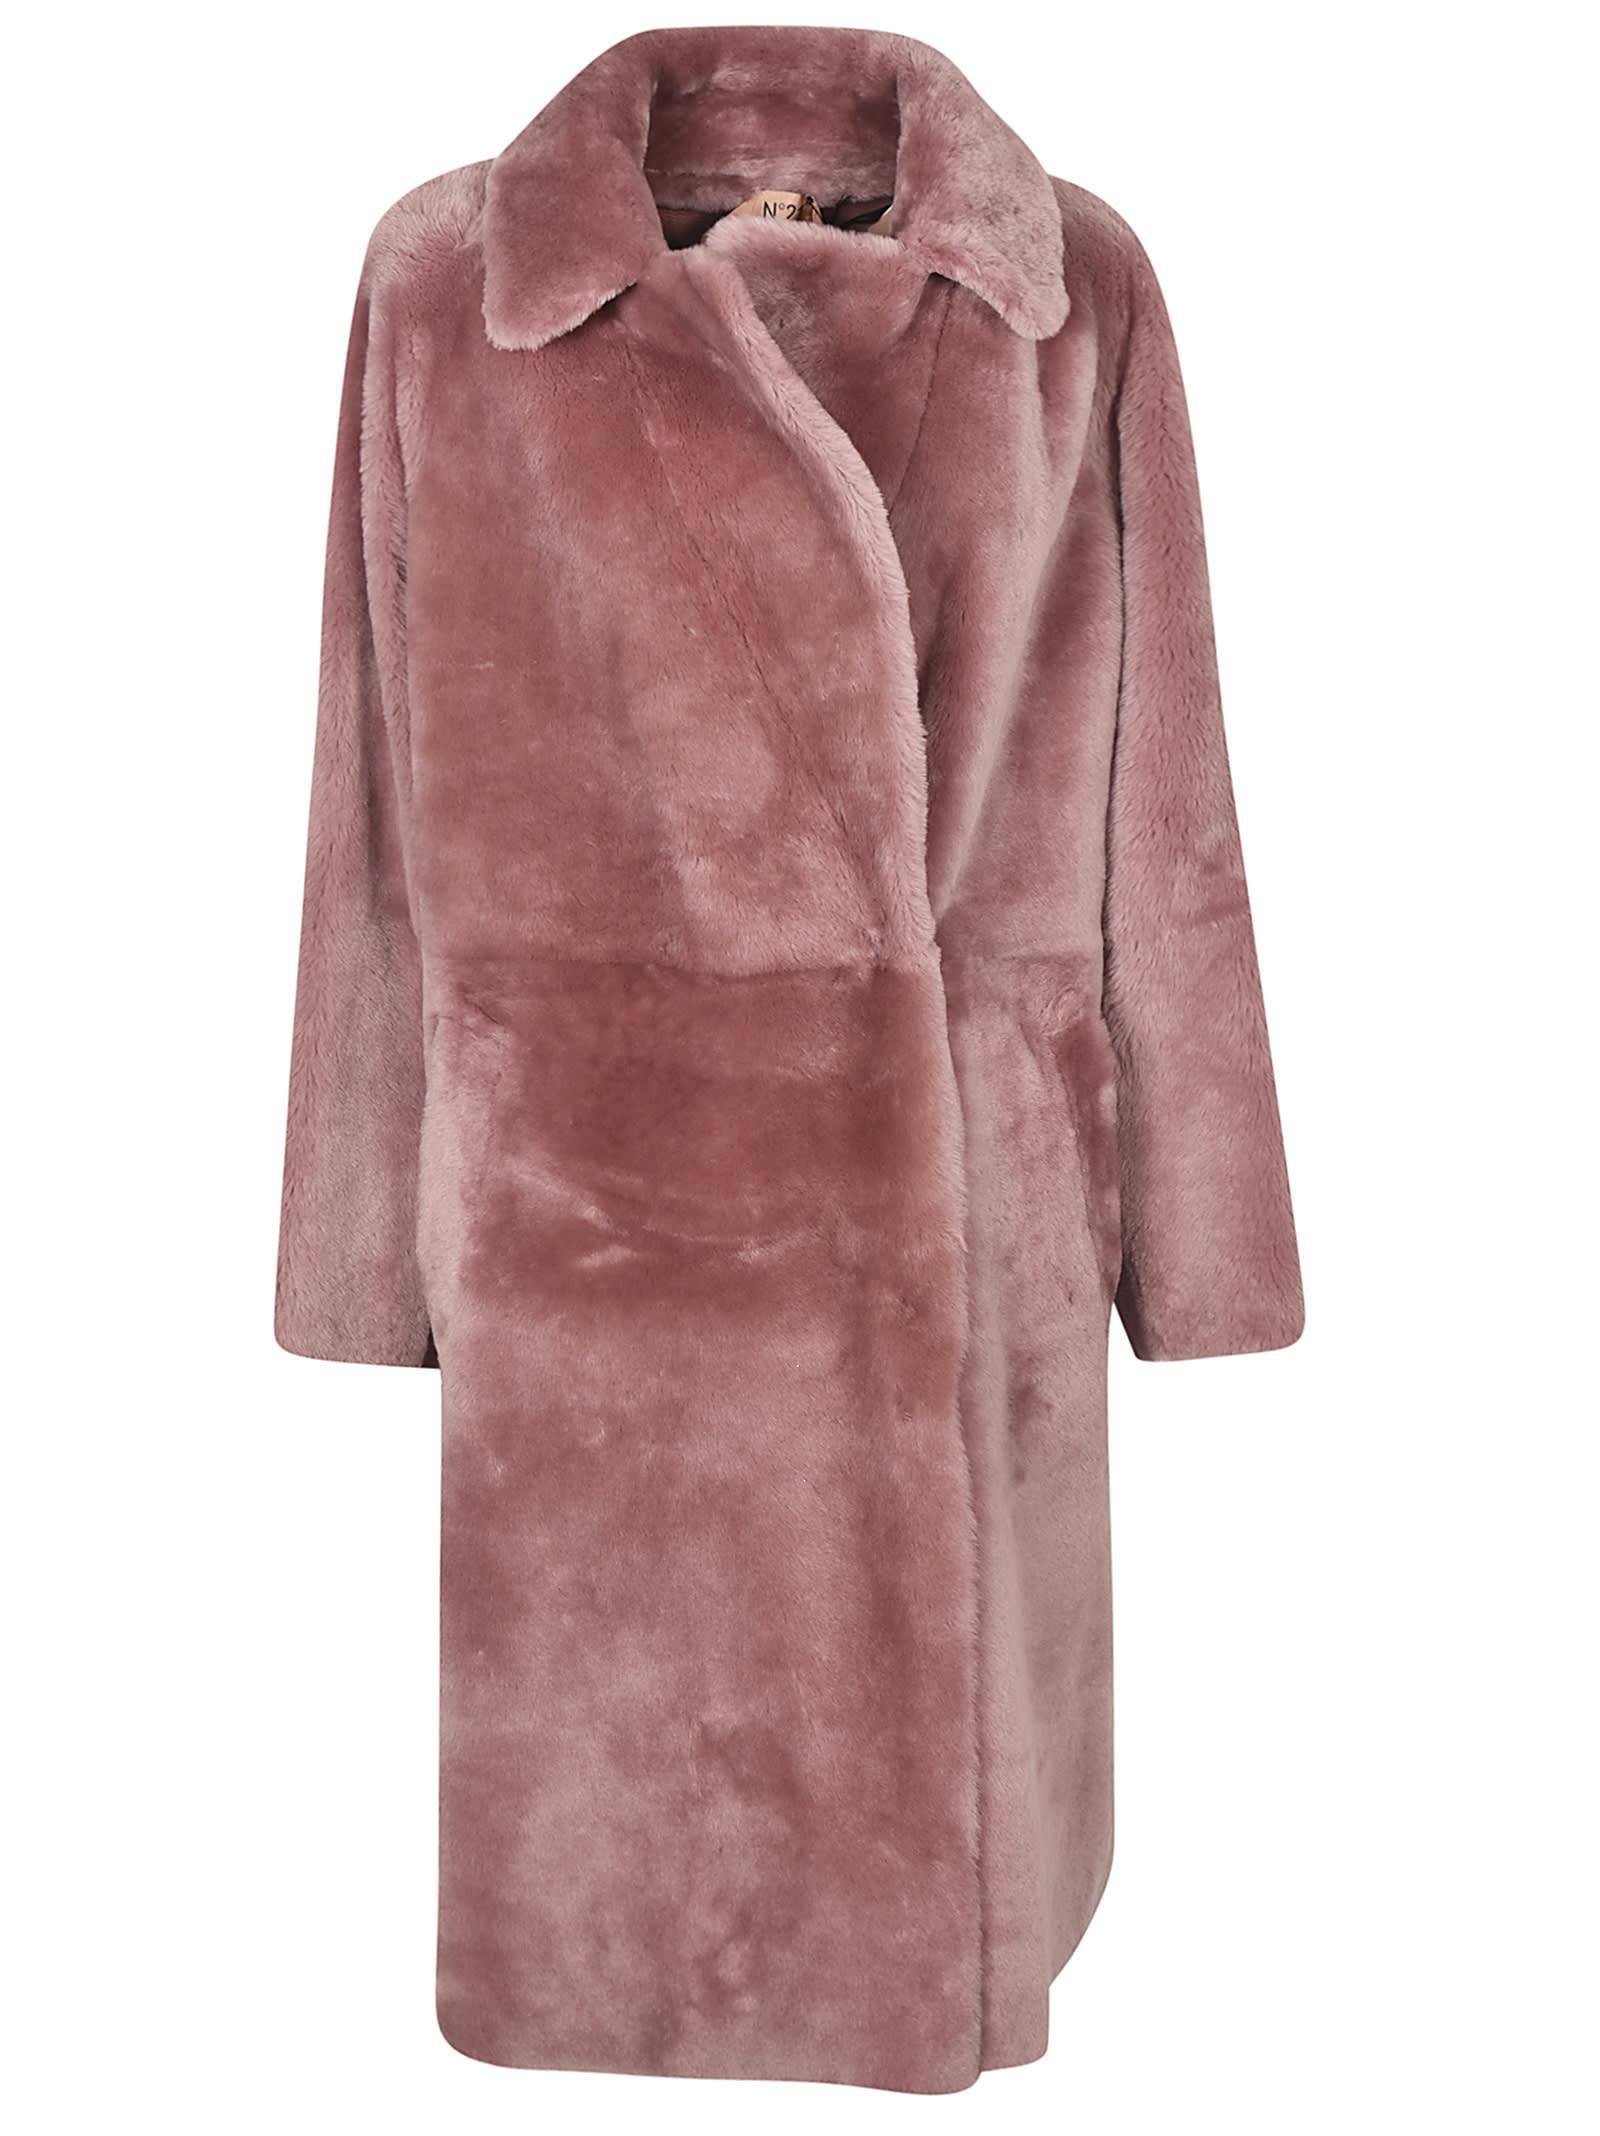 N.21 Fur Coat